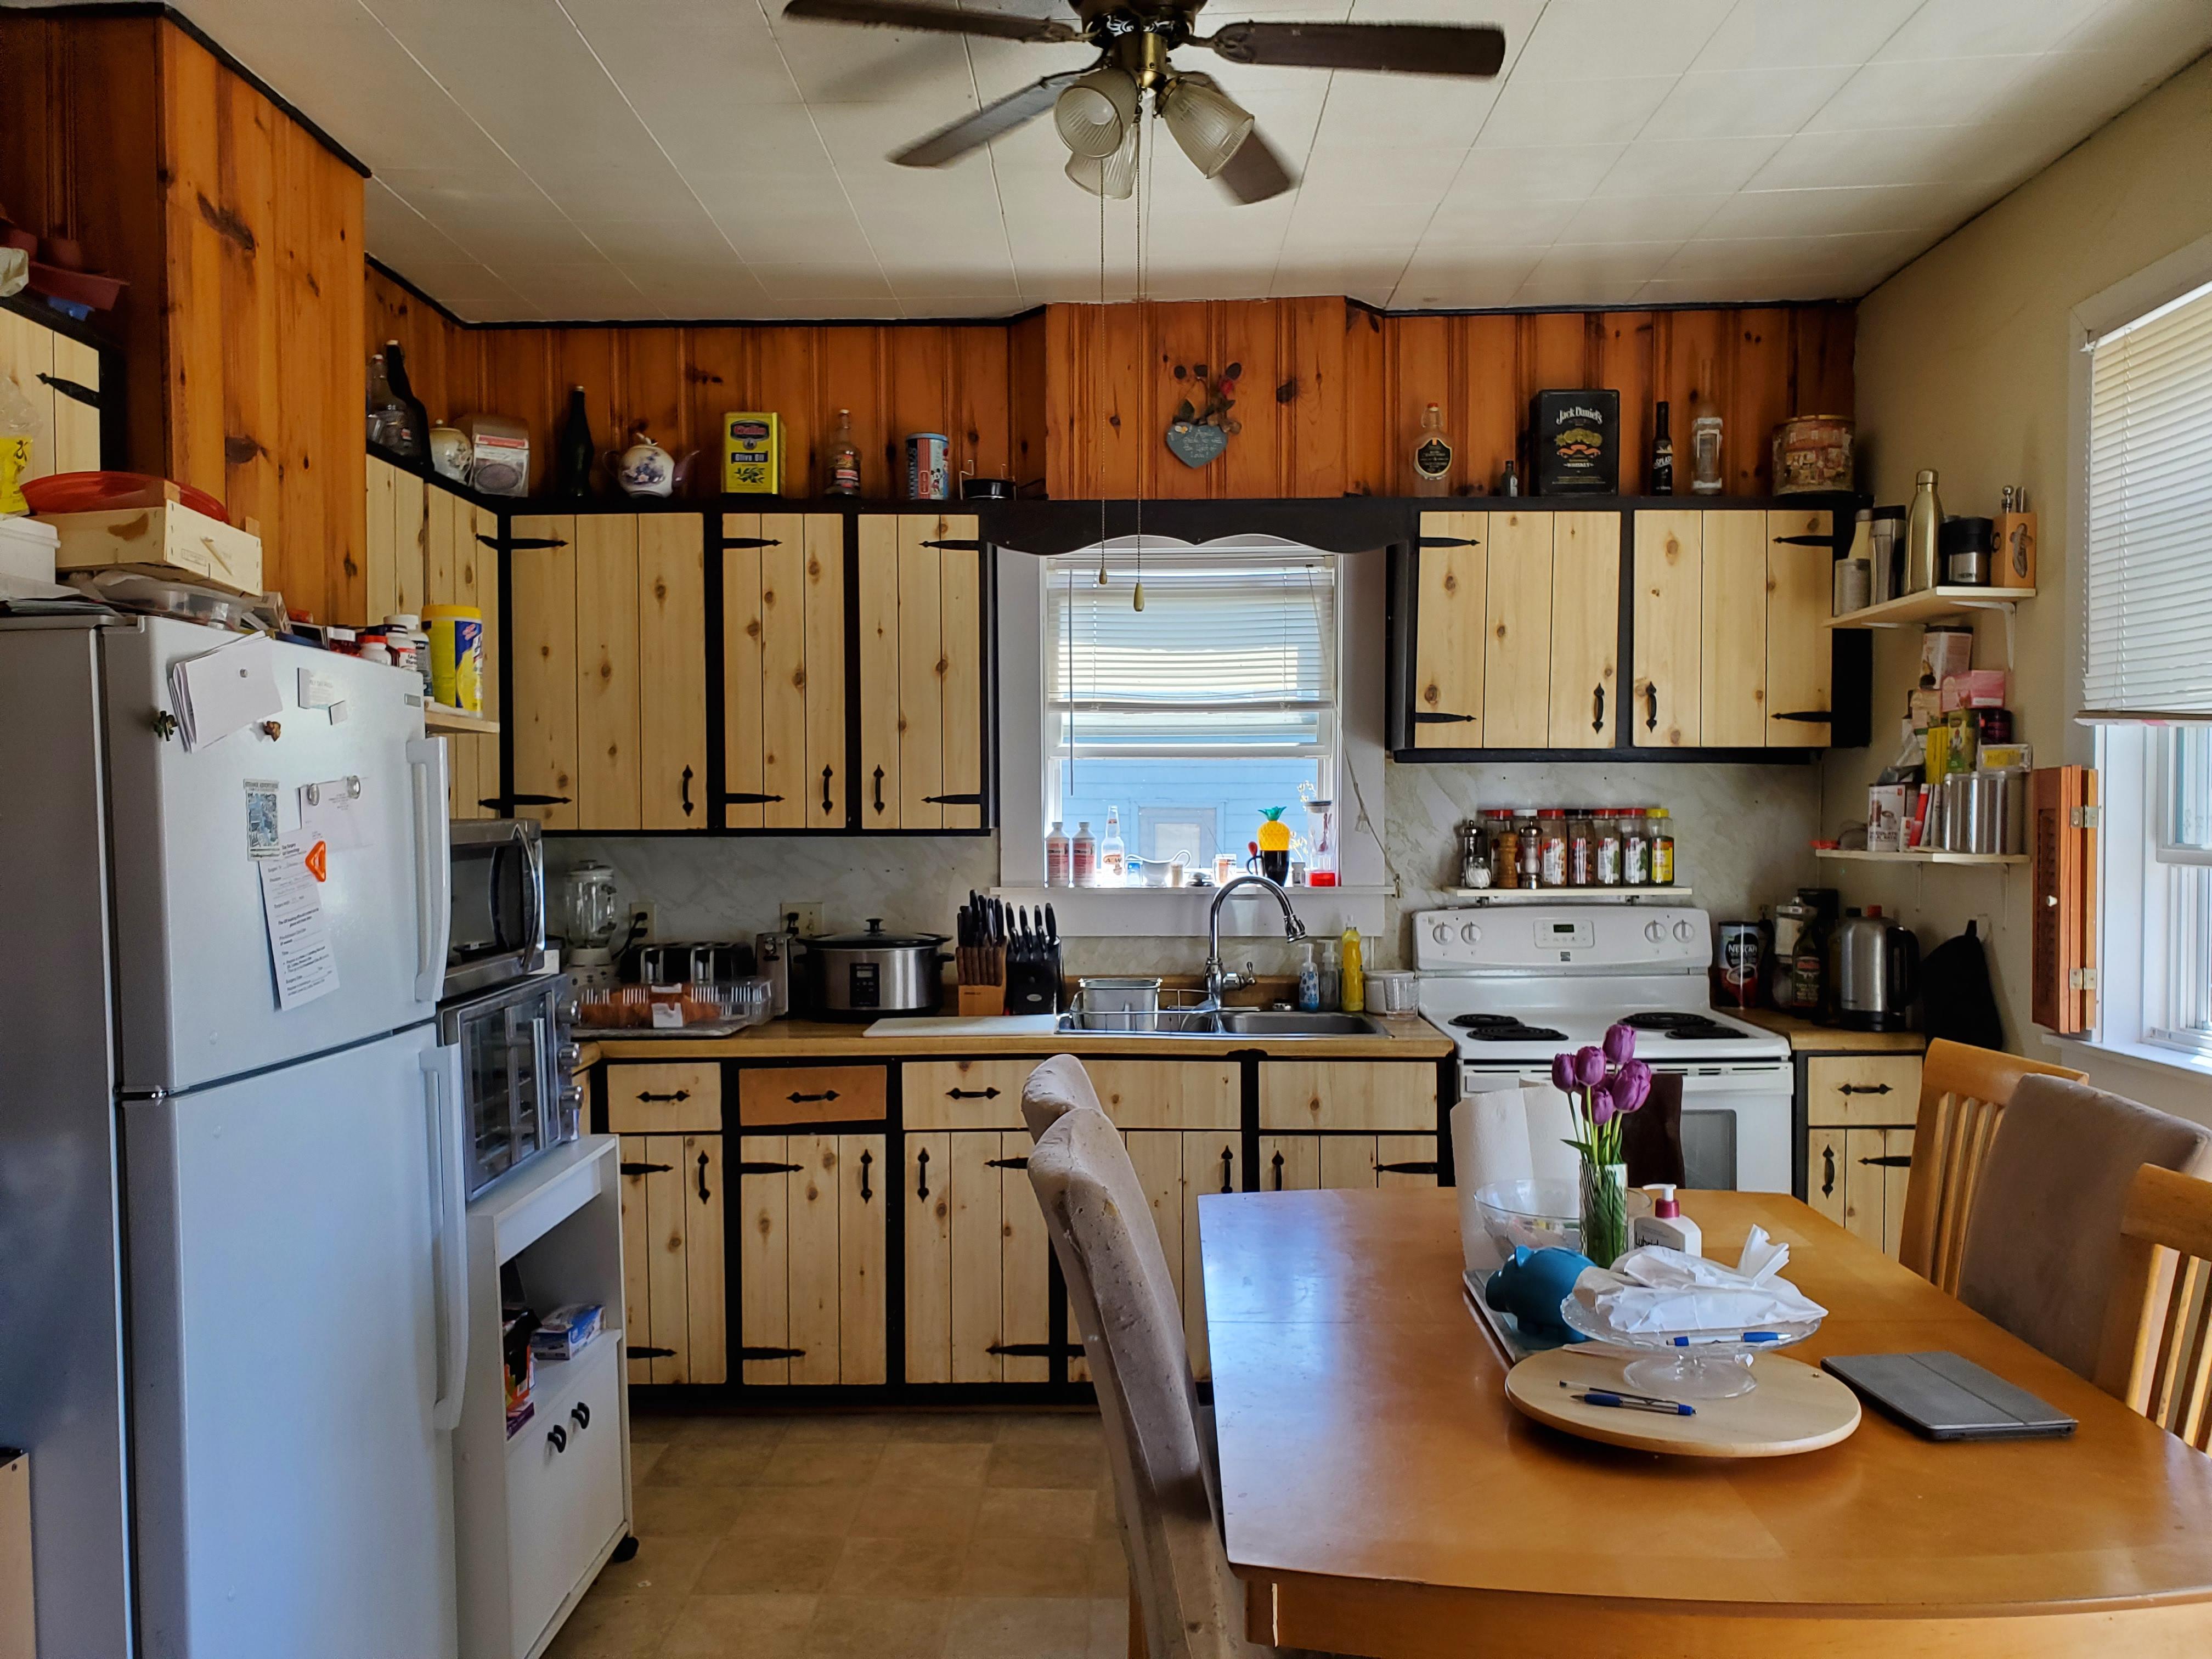 Unit 38 eat-in kitchen